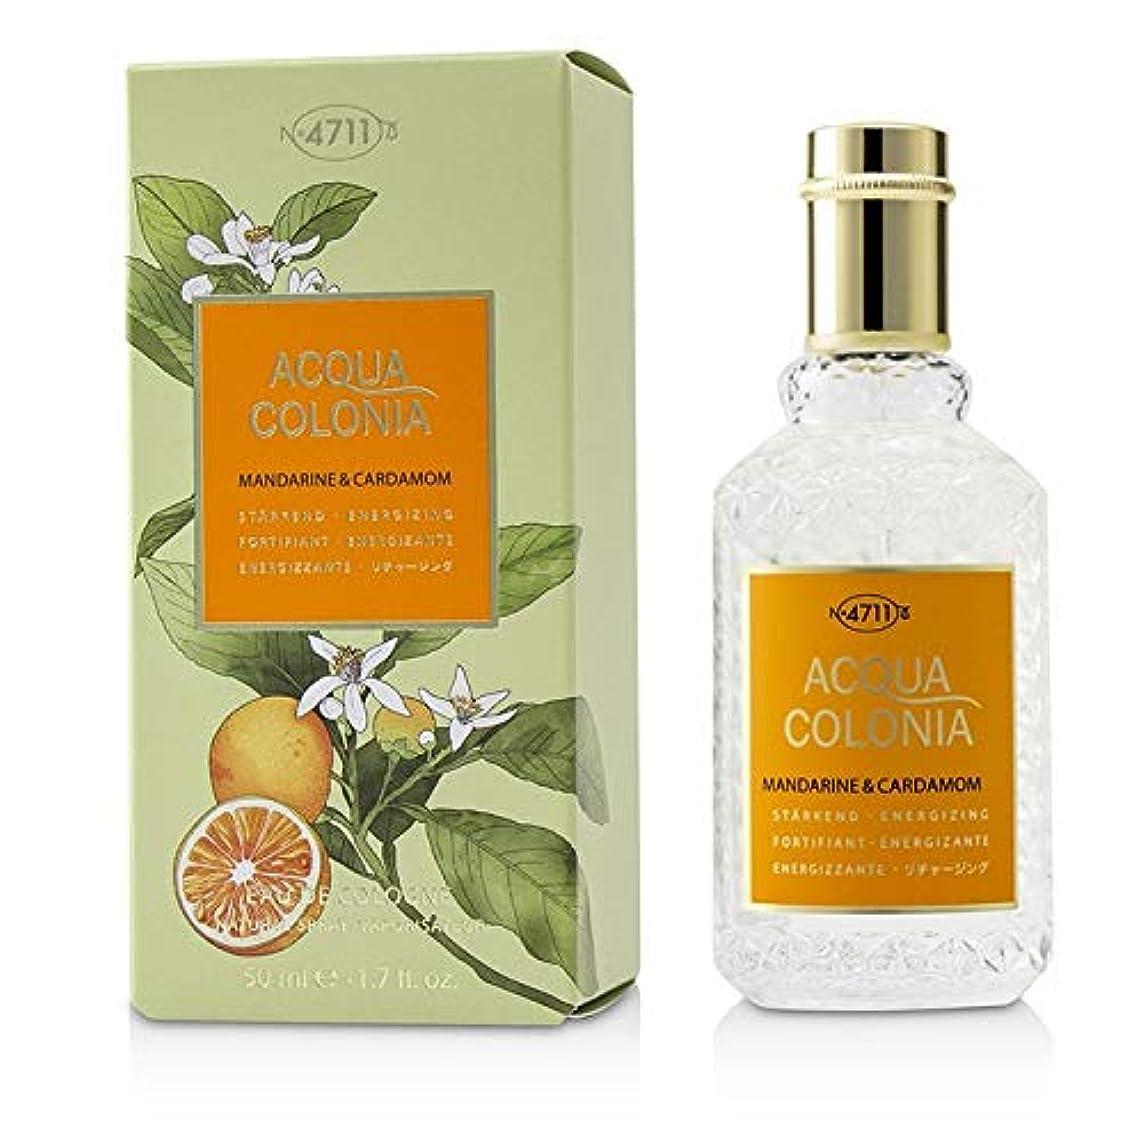 マインドフル電気奨学金4711 Acqua Colonia Mandarine & Cardamom Eau De Cologne Spray 50ml/1.7oz並行輸入品